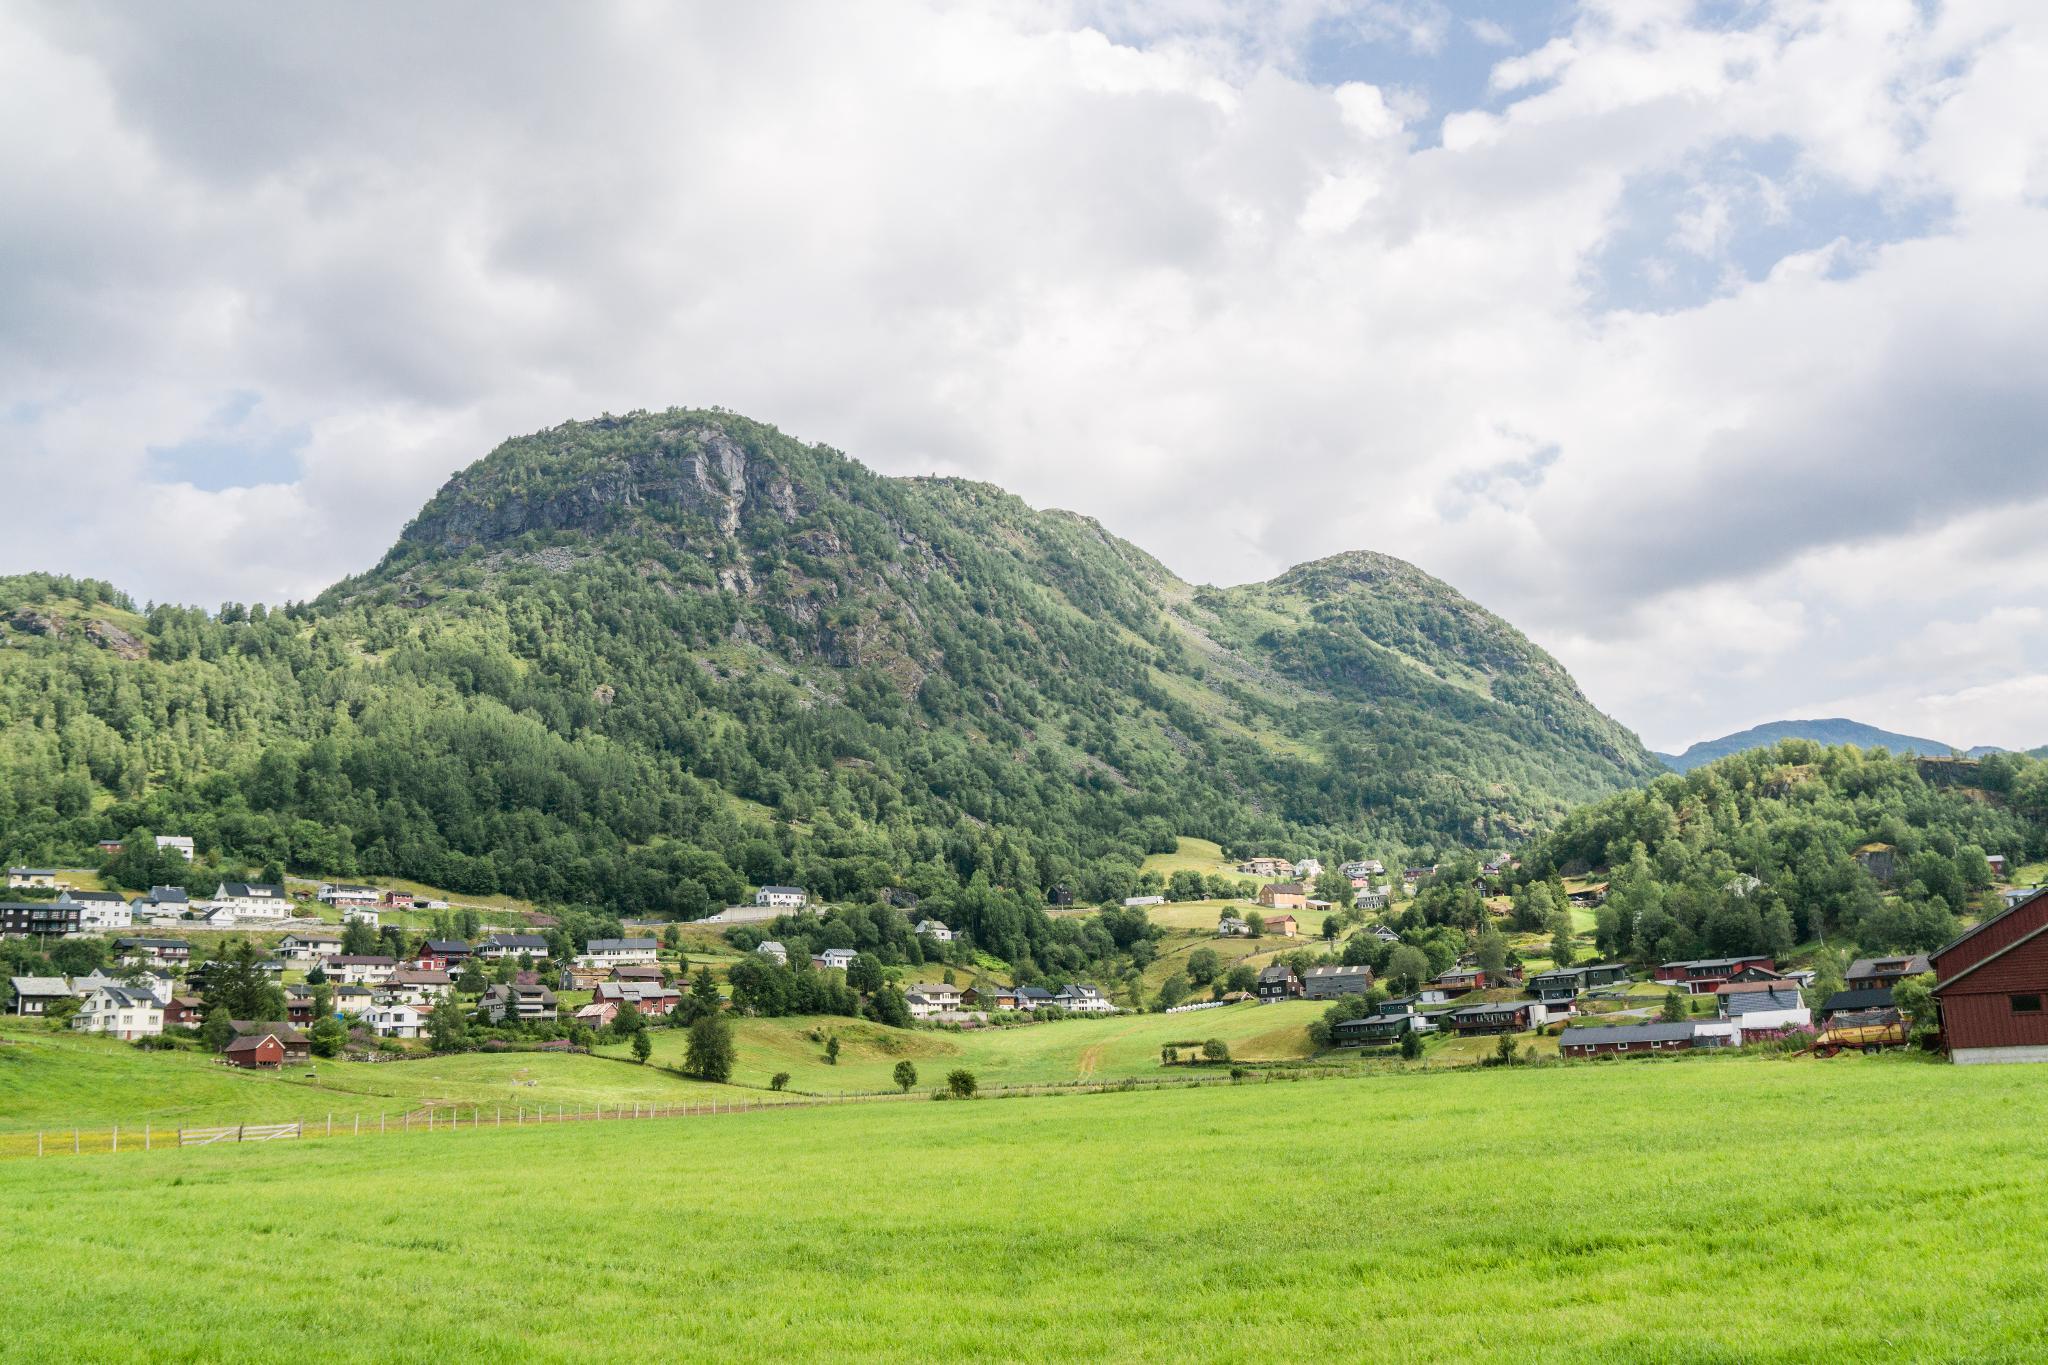 【北歐景點】中世紀的朝聖者之路:百年歷史的Røldal小鎮 9